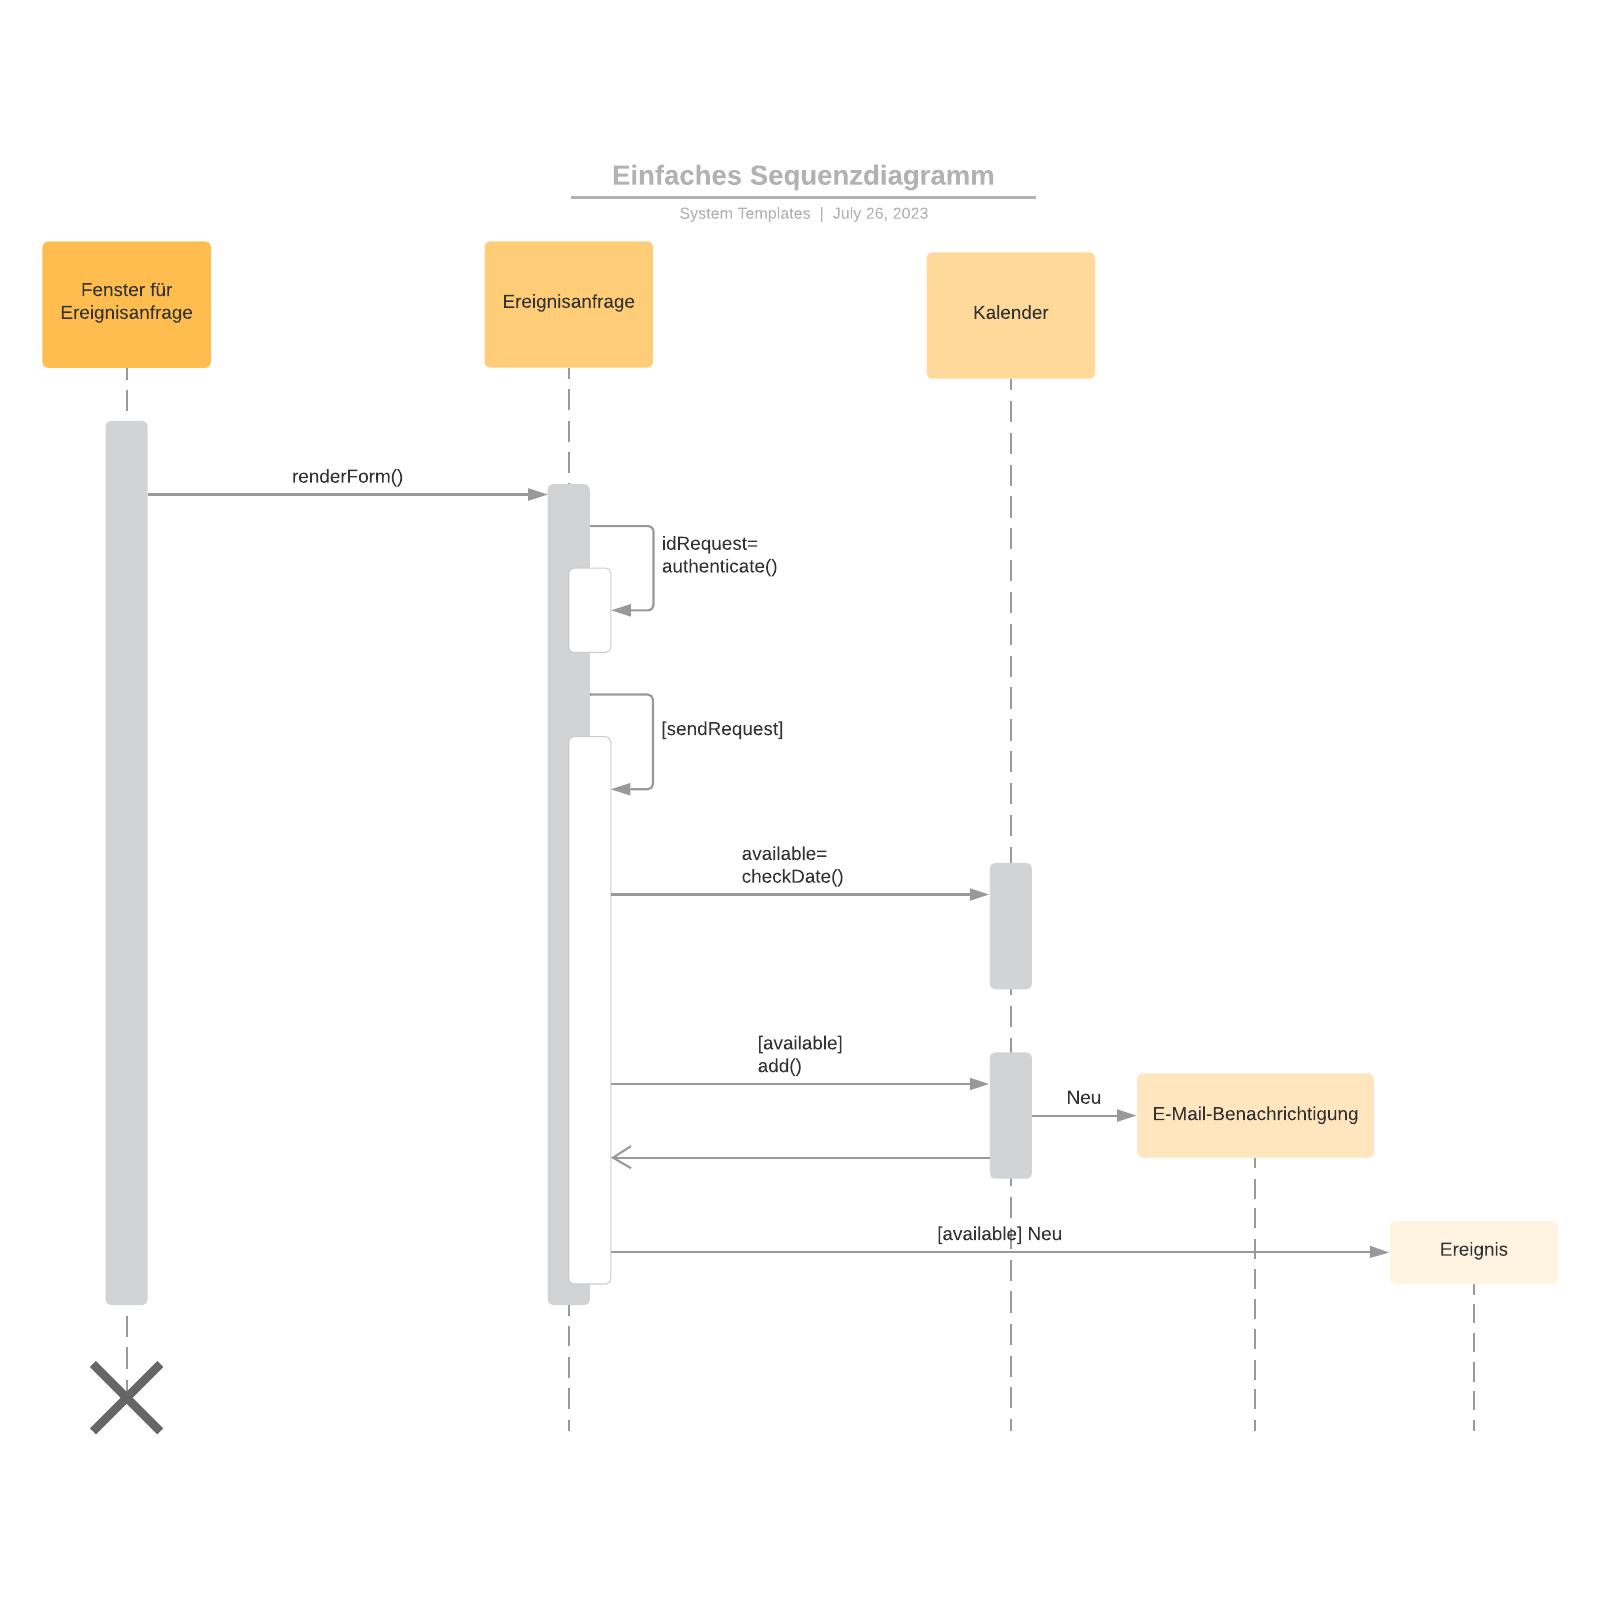 Einfaches Sequenzdiagramm - Beispiel